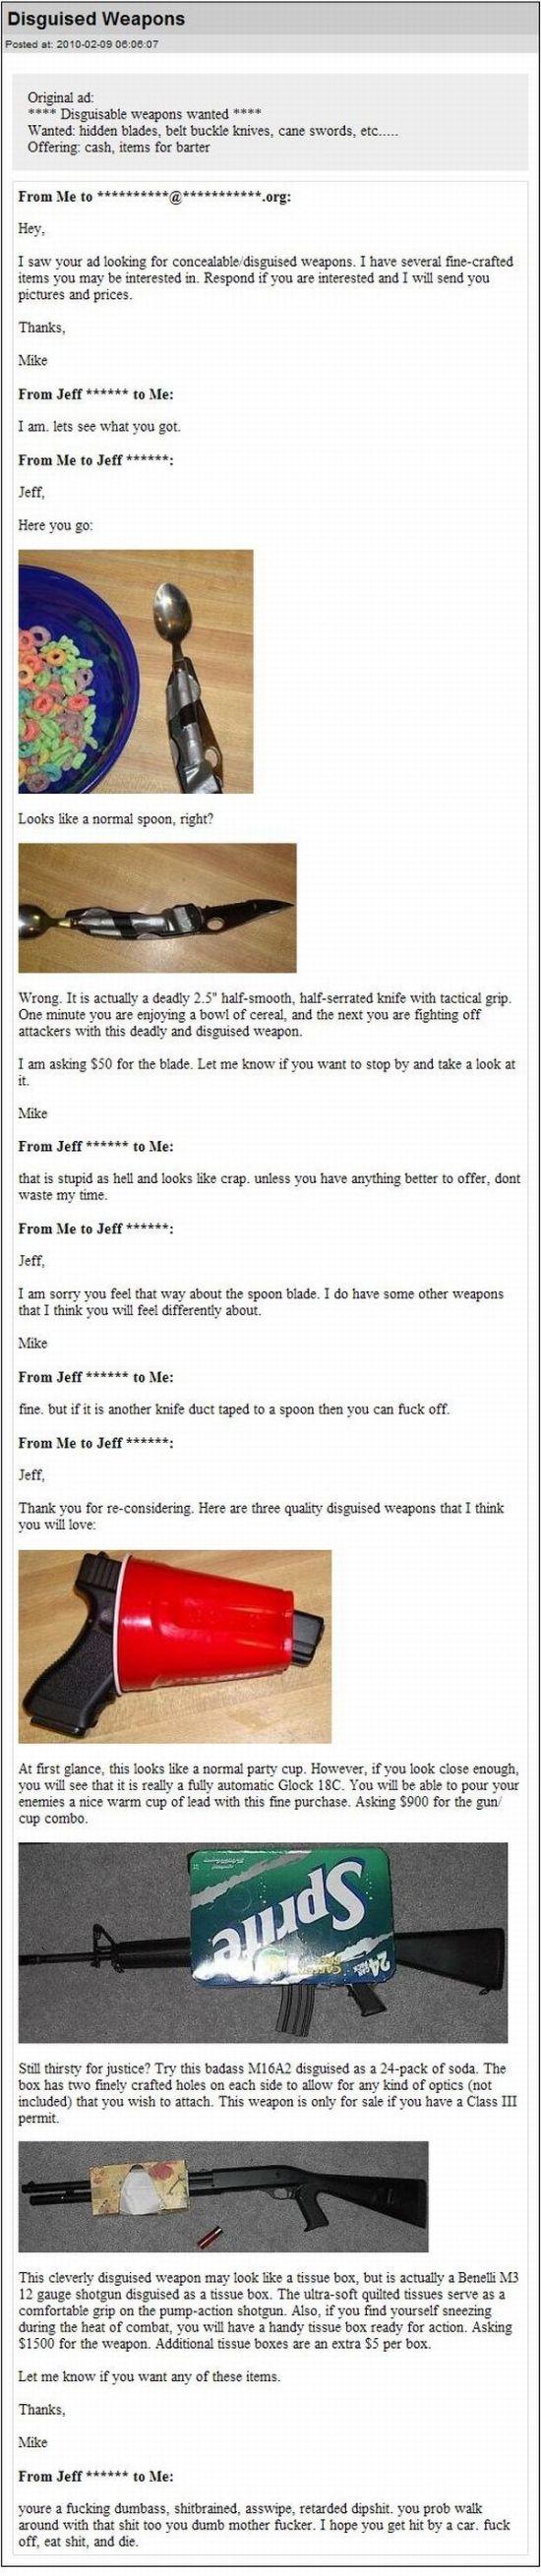 Funny Gun Disguises (pics)